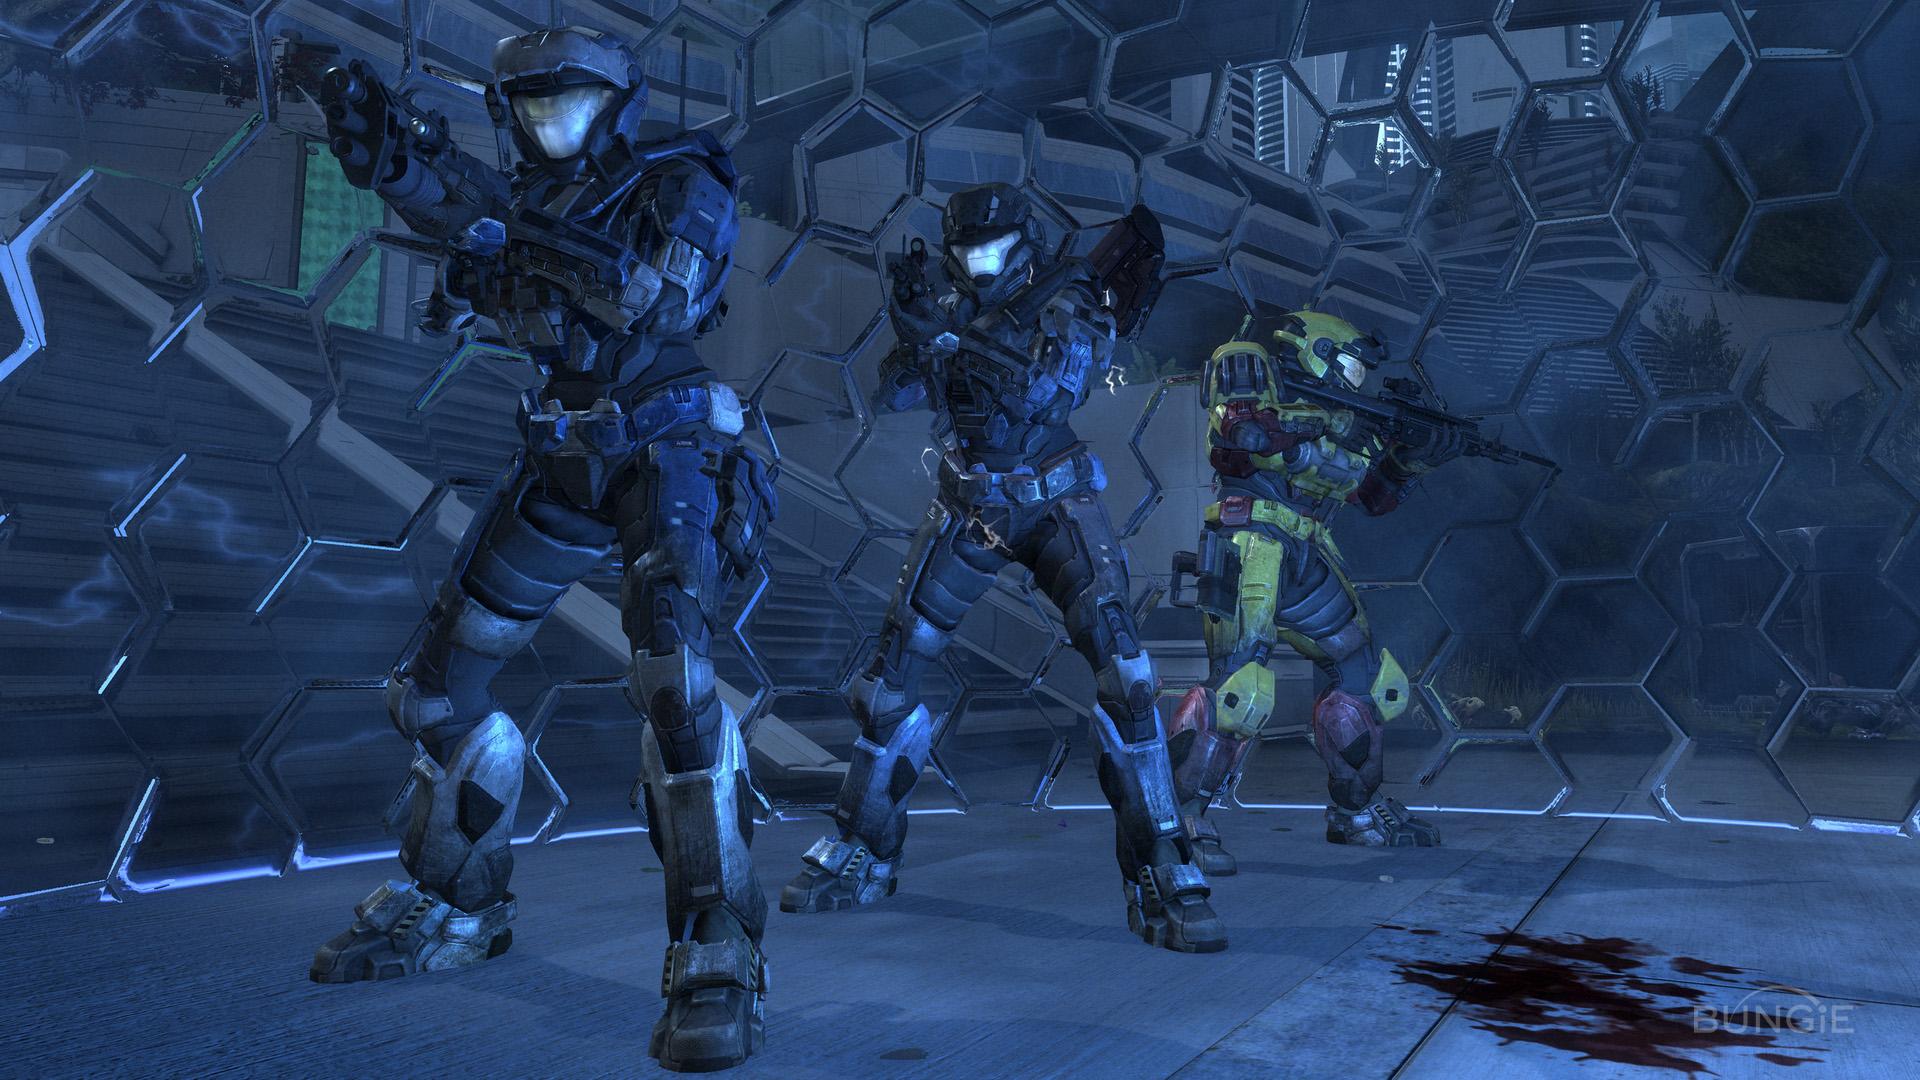 Voici une heure de jeu avec Halo MCC Firefight sur PC